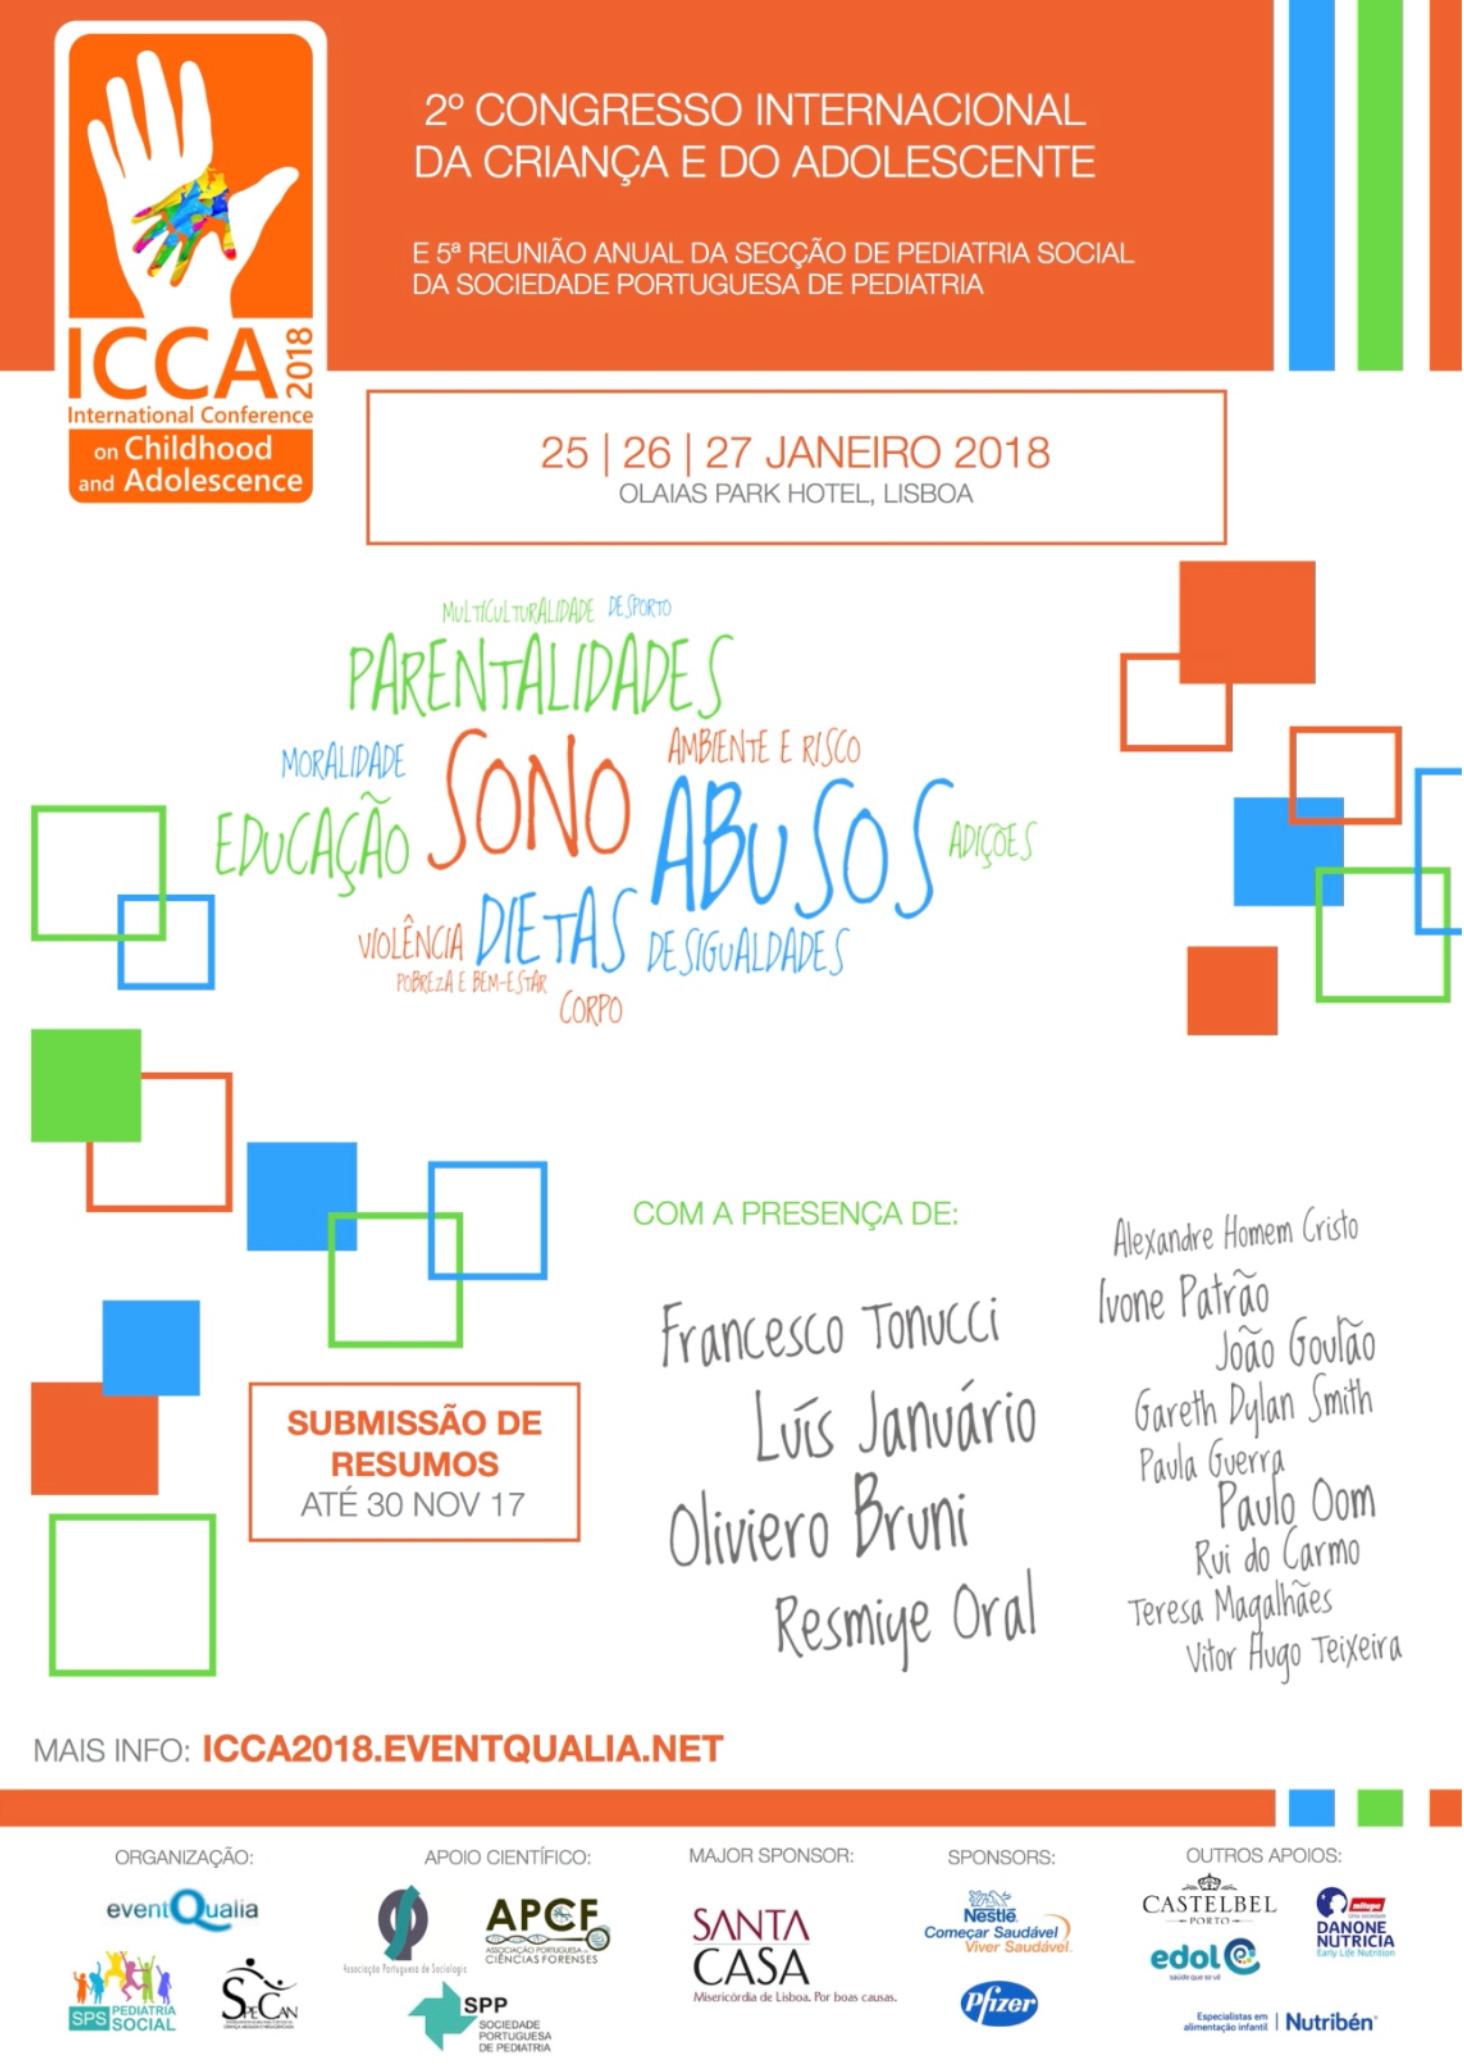 ICCA Flyer